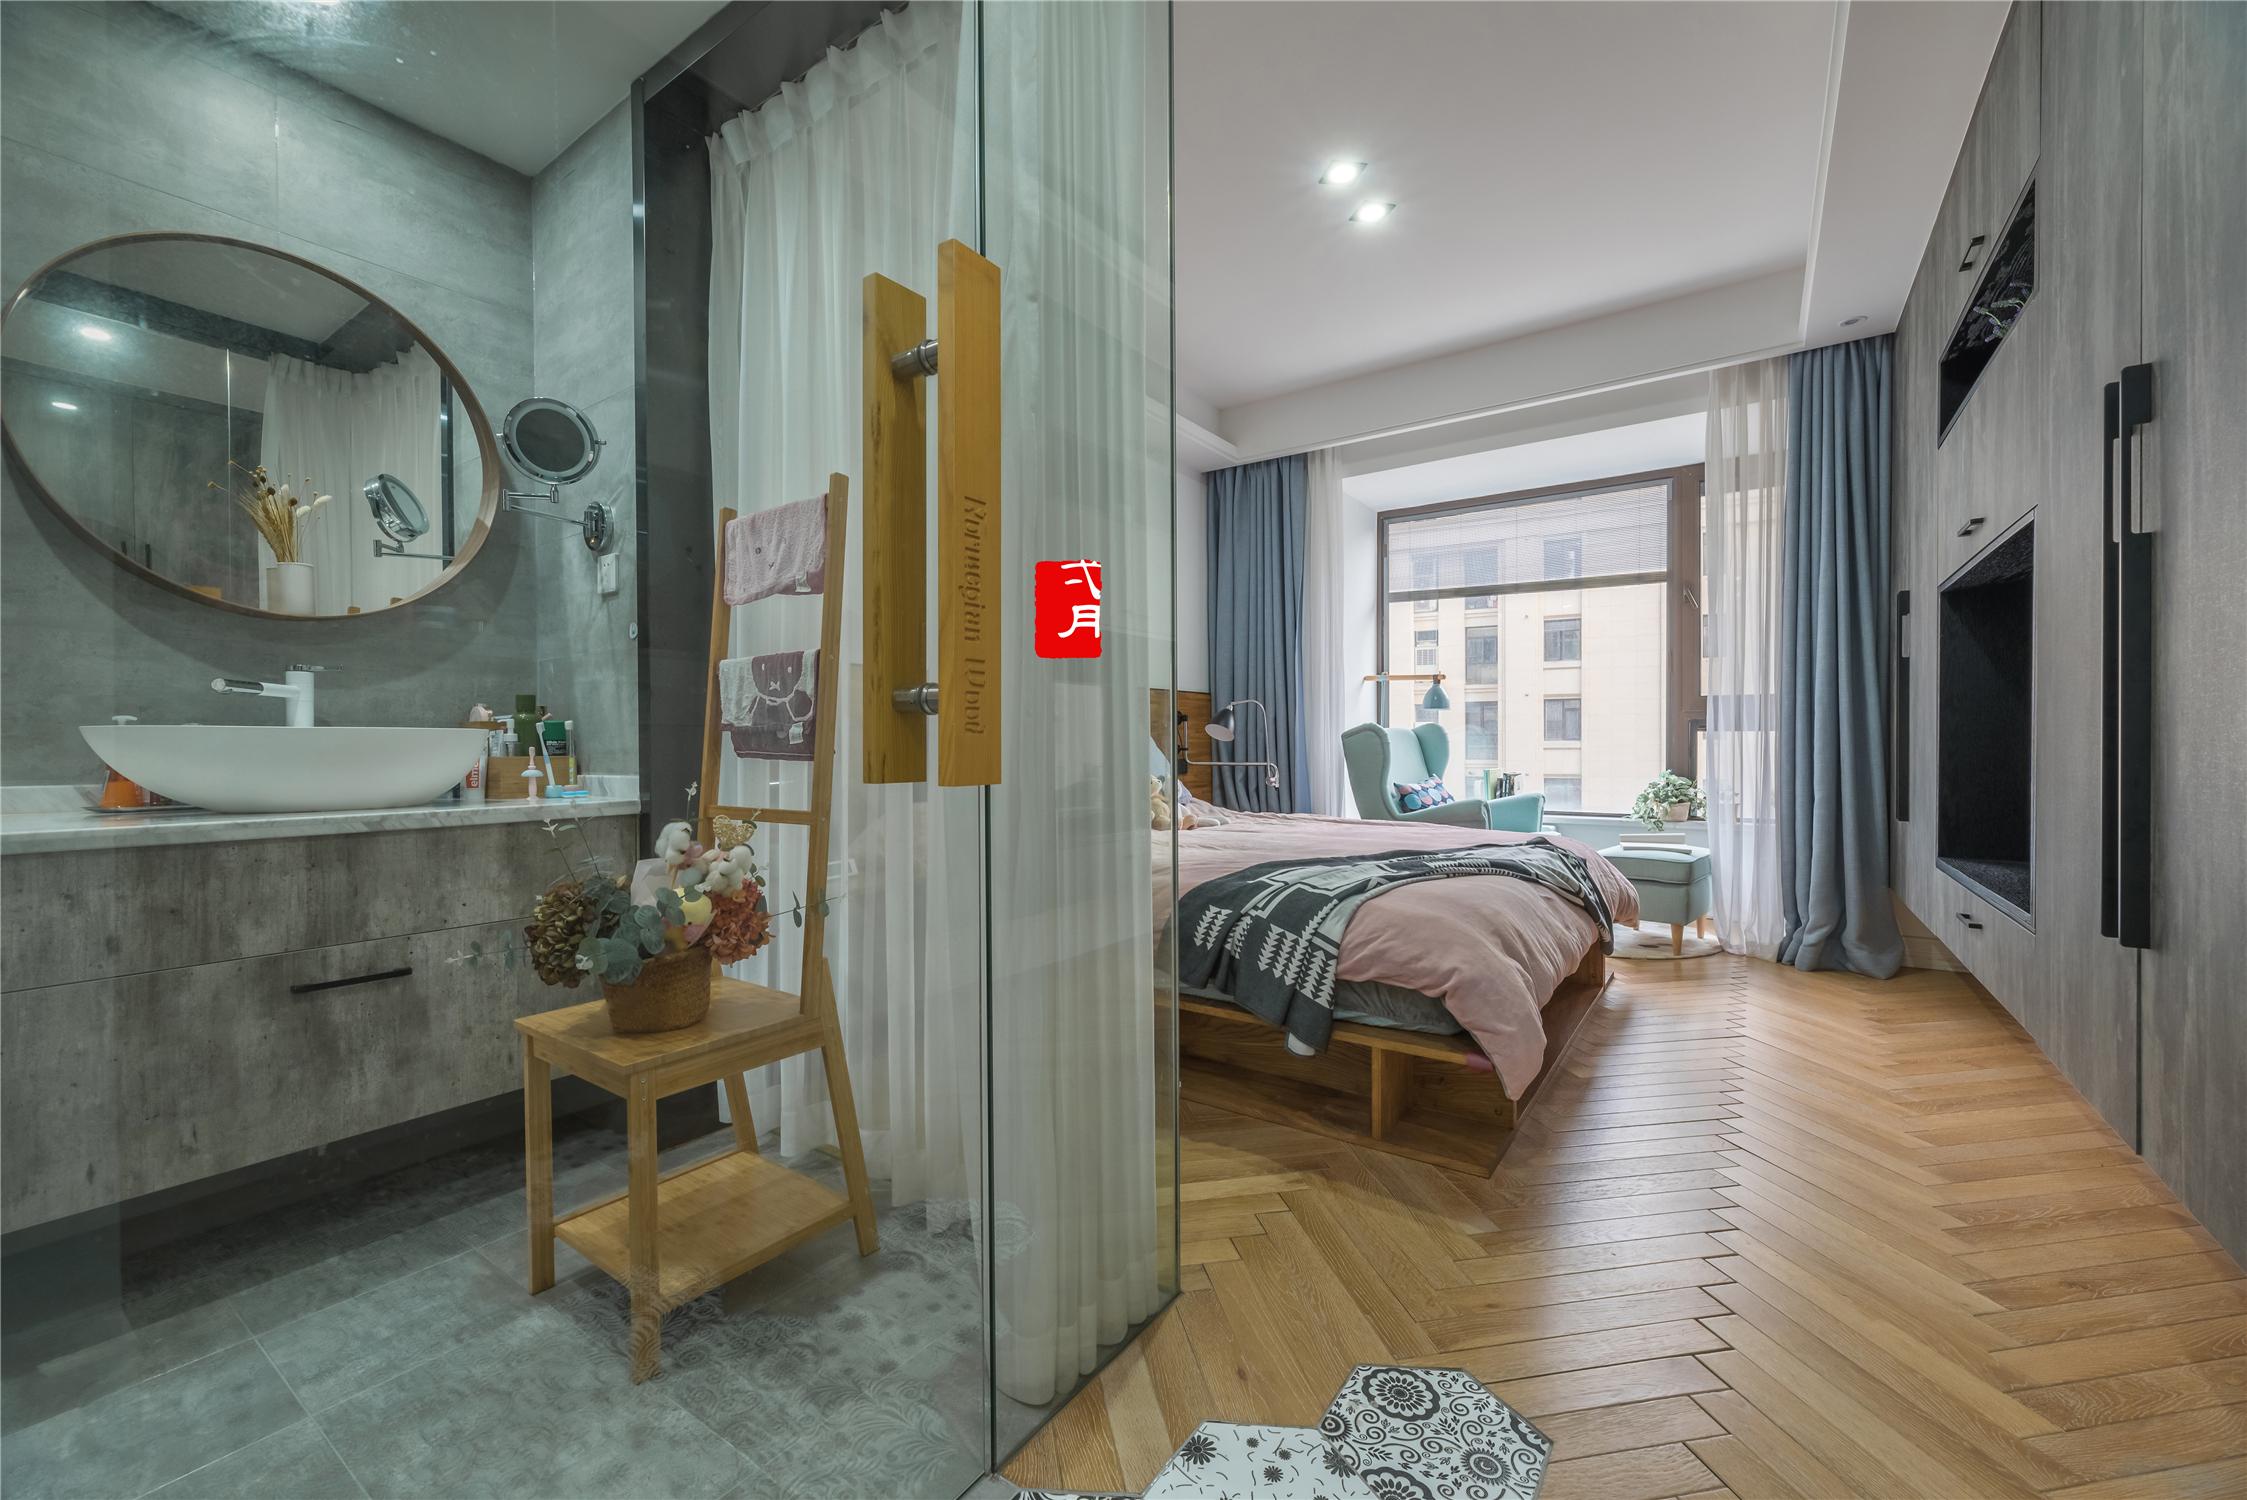 现代混搭风格三居卧室卫生间装修效果图